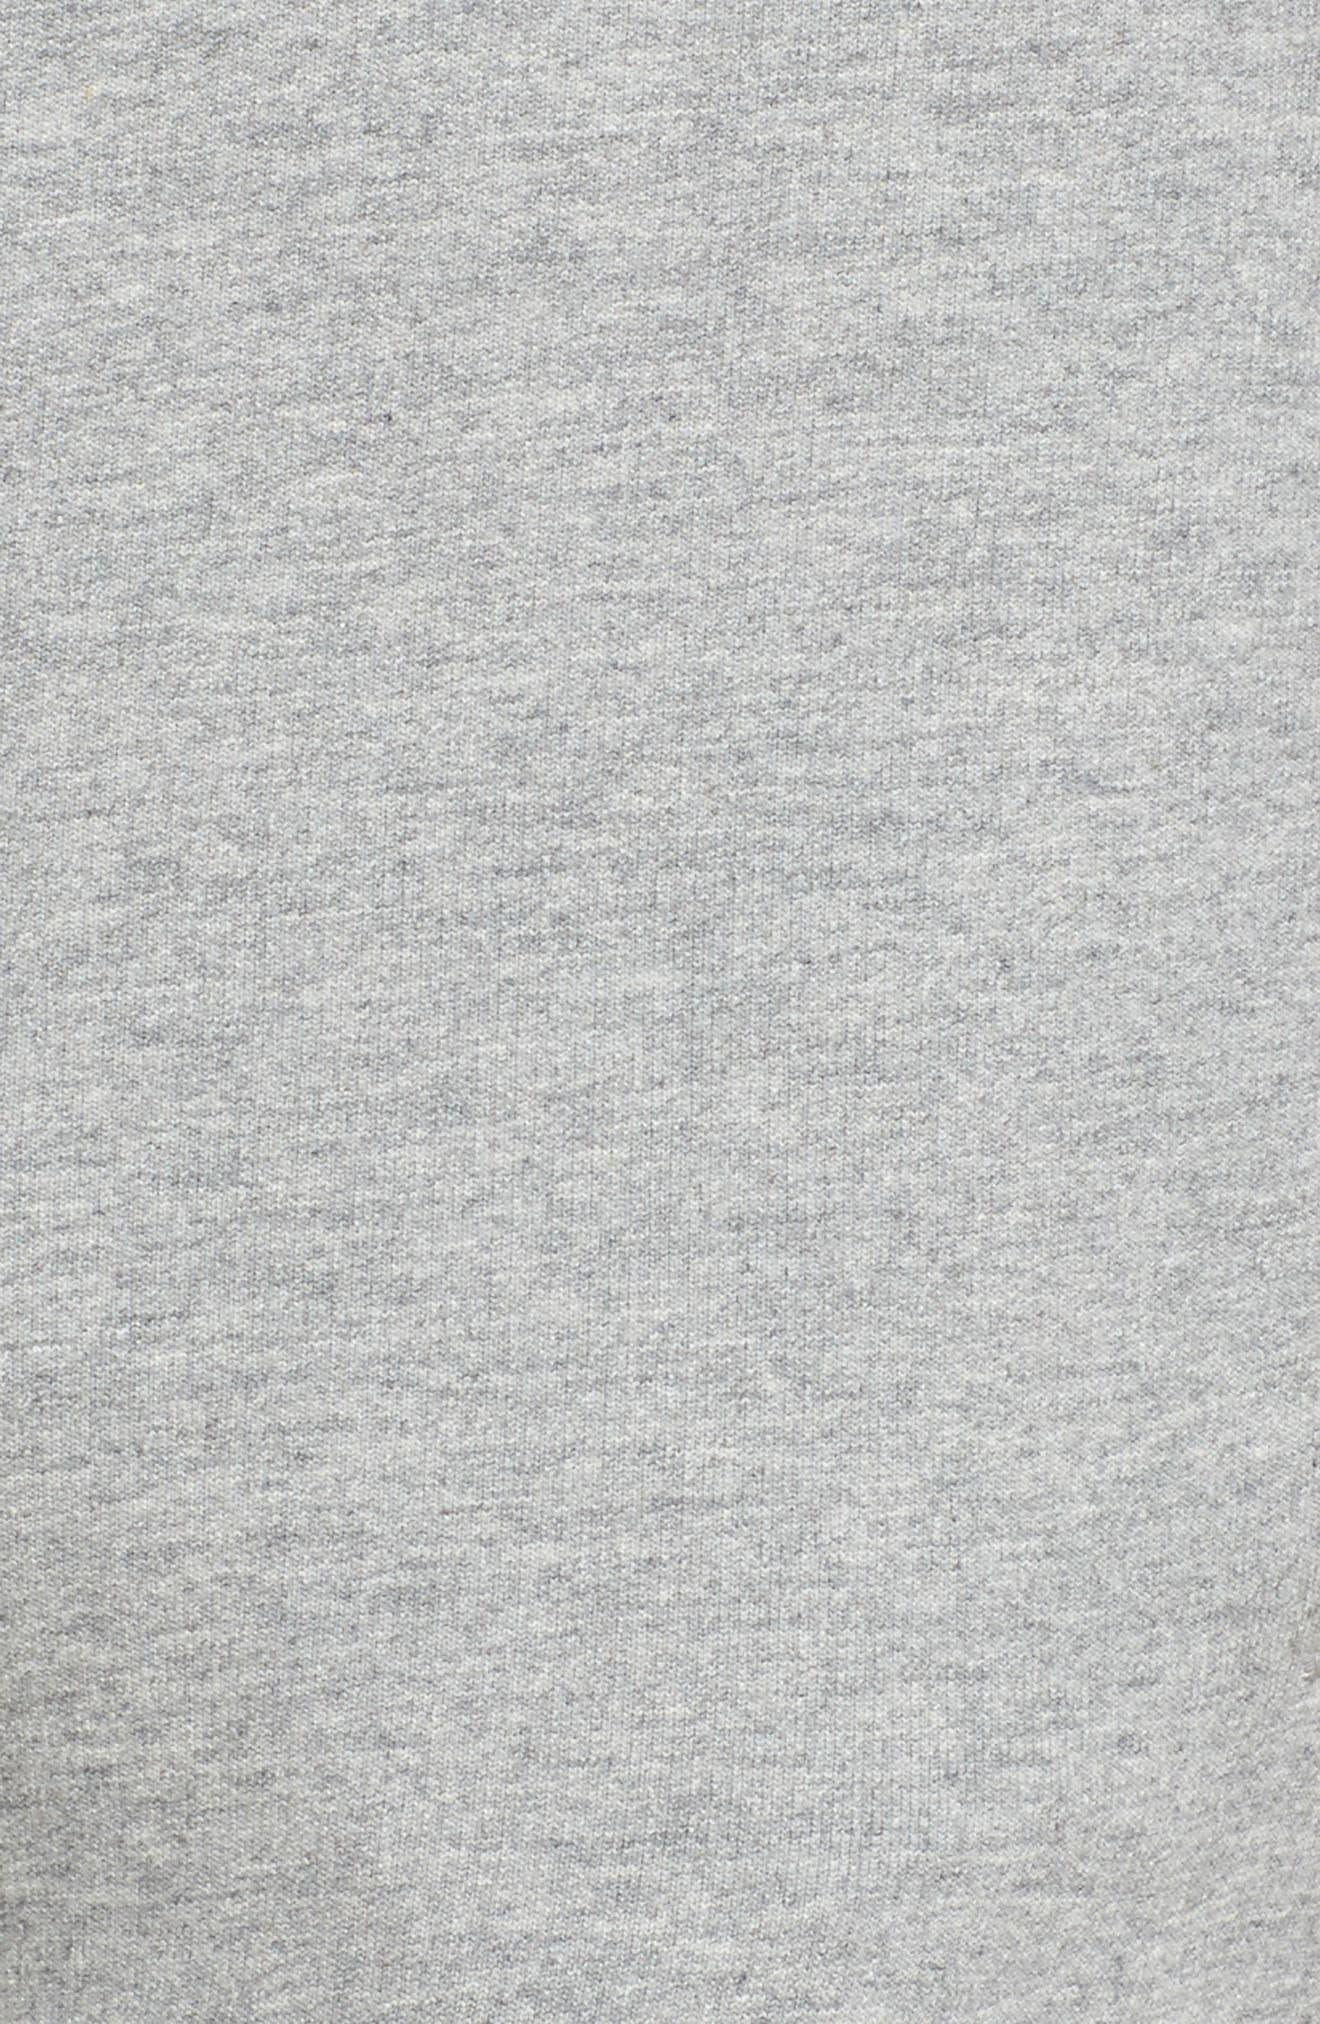 Authentic Cresta Slim Fit Sweatpants,                             Alternate thumbnail 6, color,